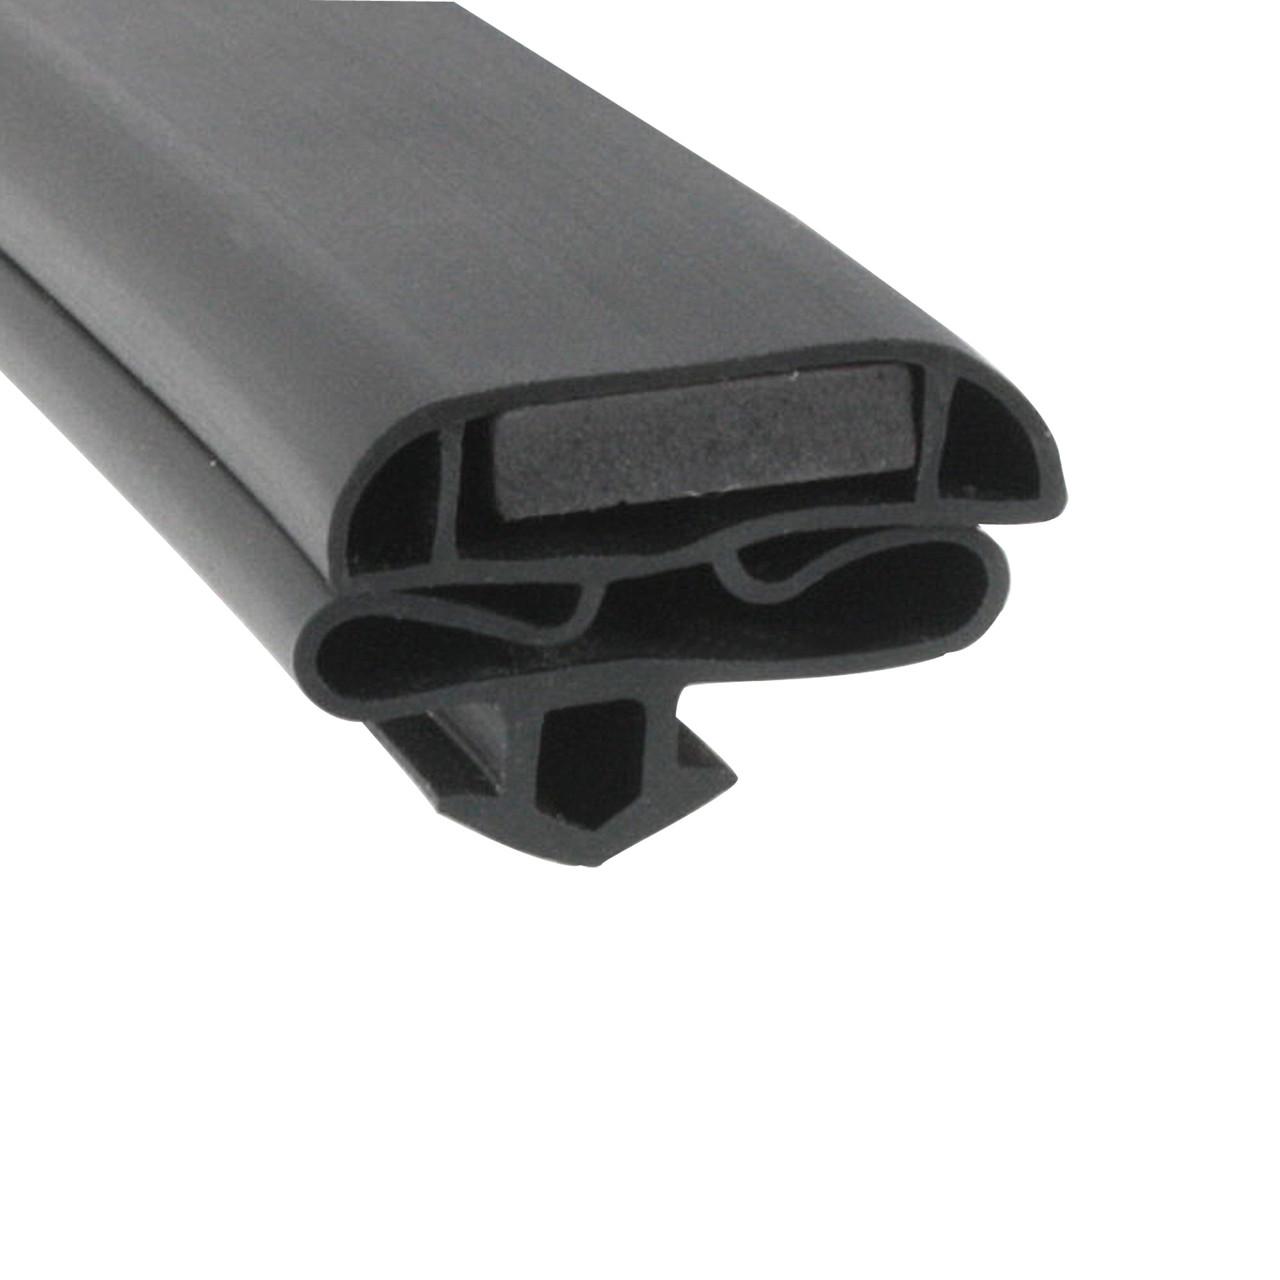 Zero Zone Door Gasket Profile 632 22 7/8 x 53 3/4